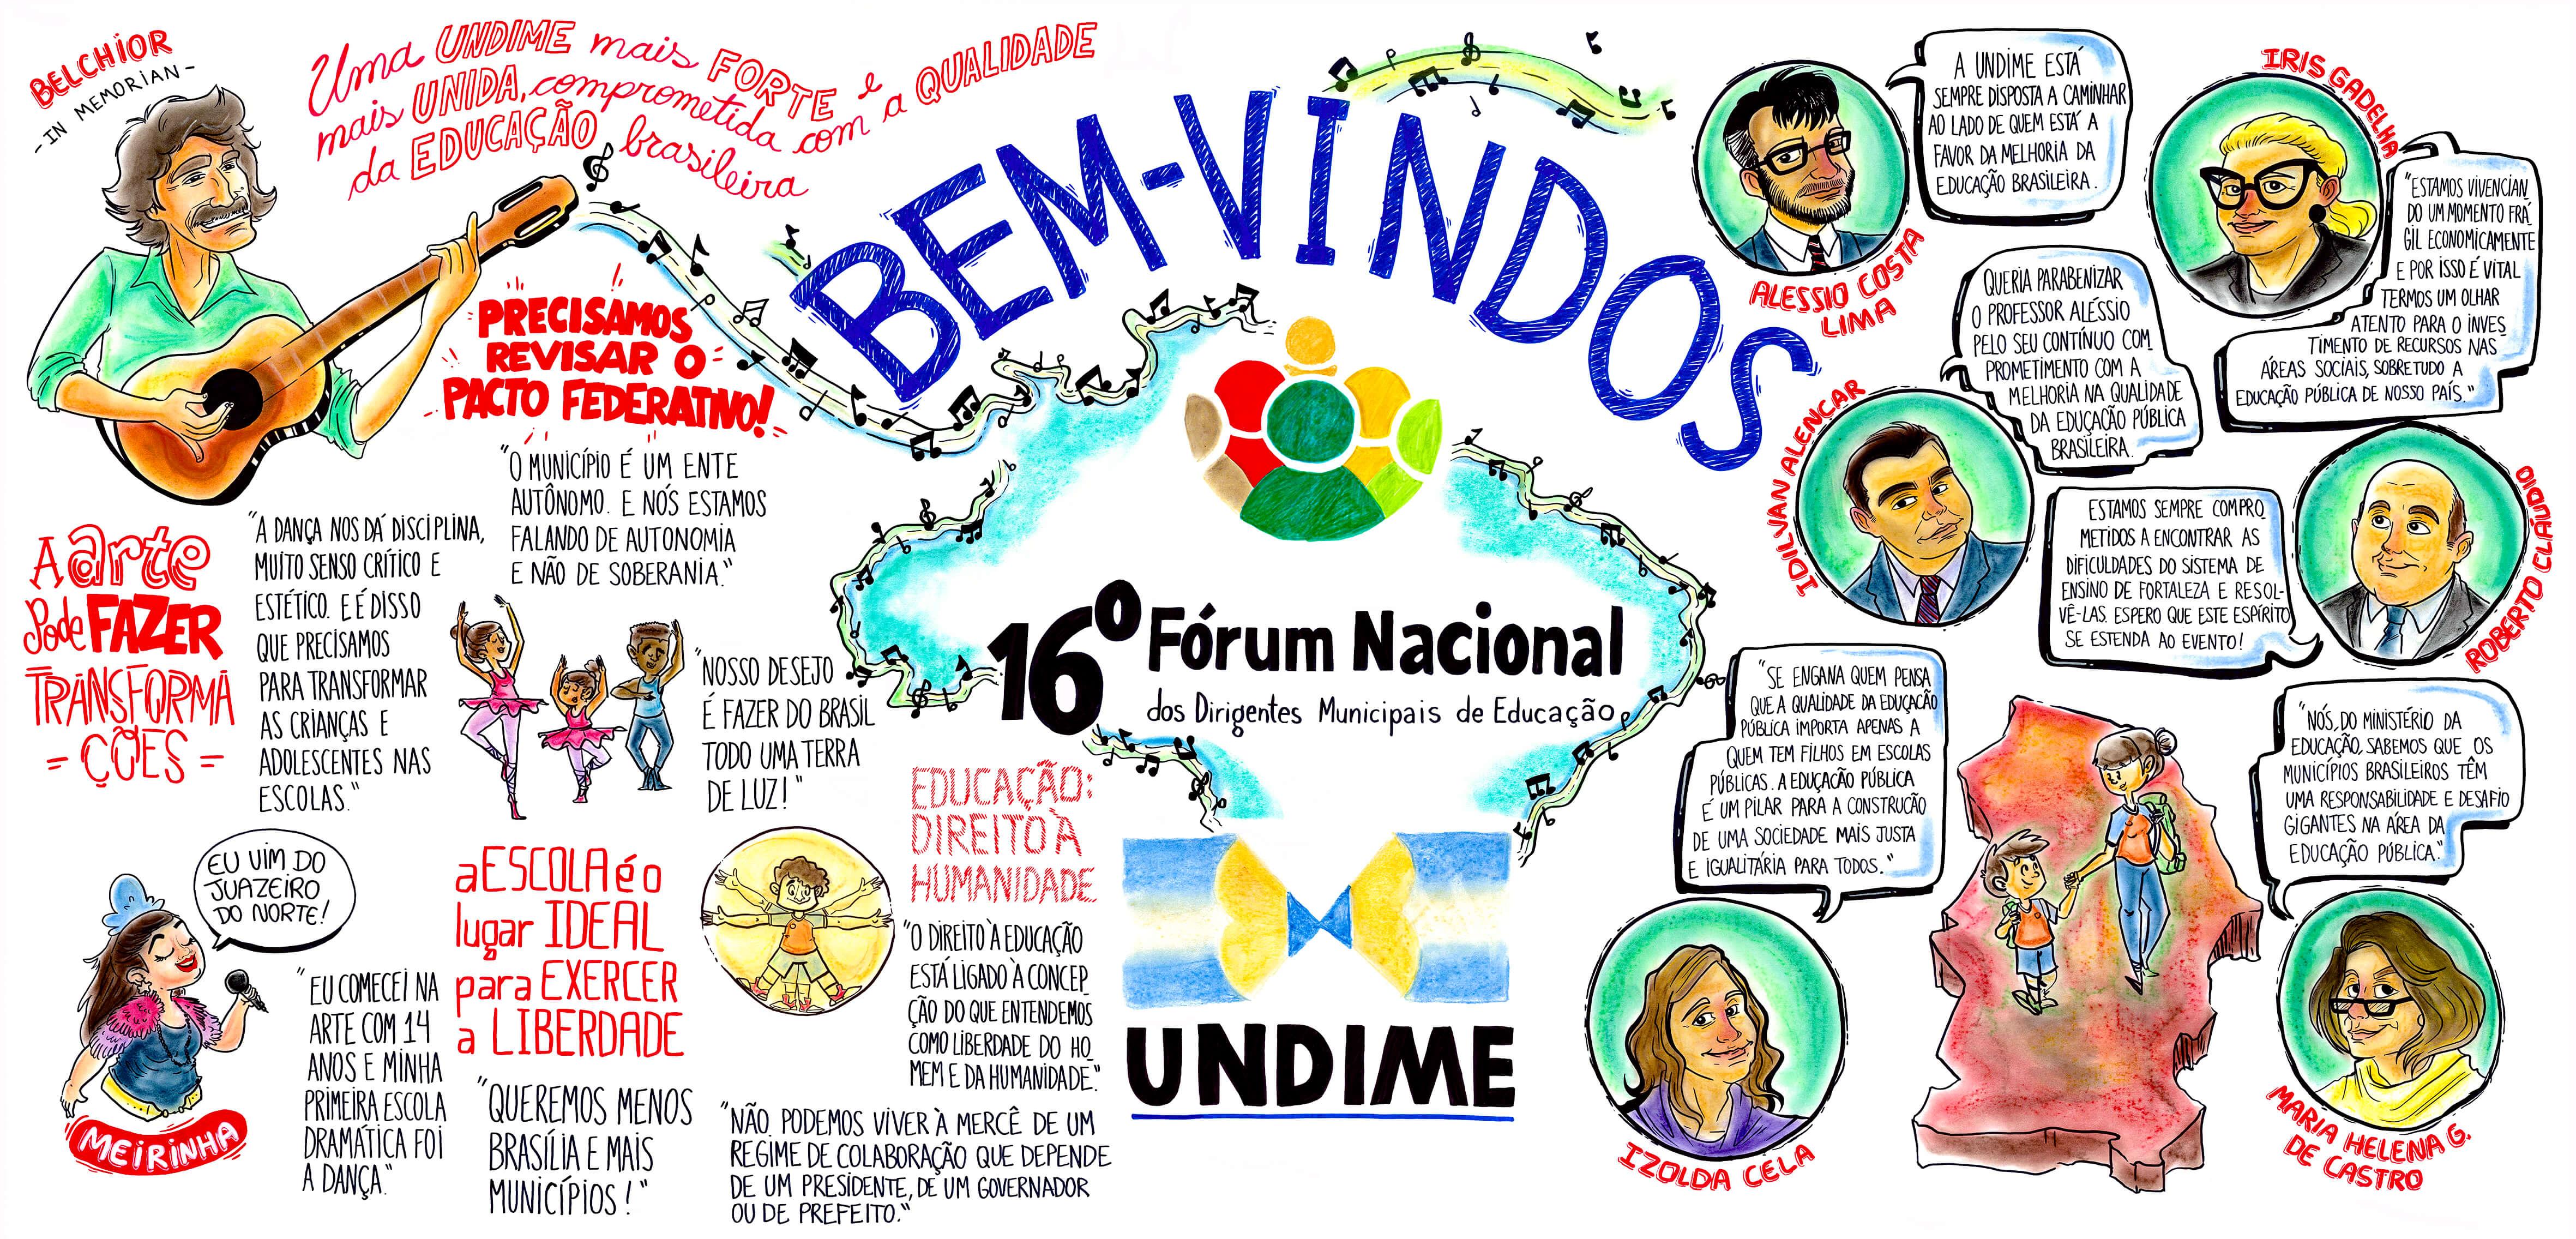 Conteúdo apresentado no 16º Fórum Nacional da Undime está disponível em paineis